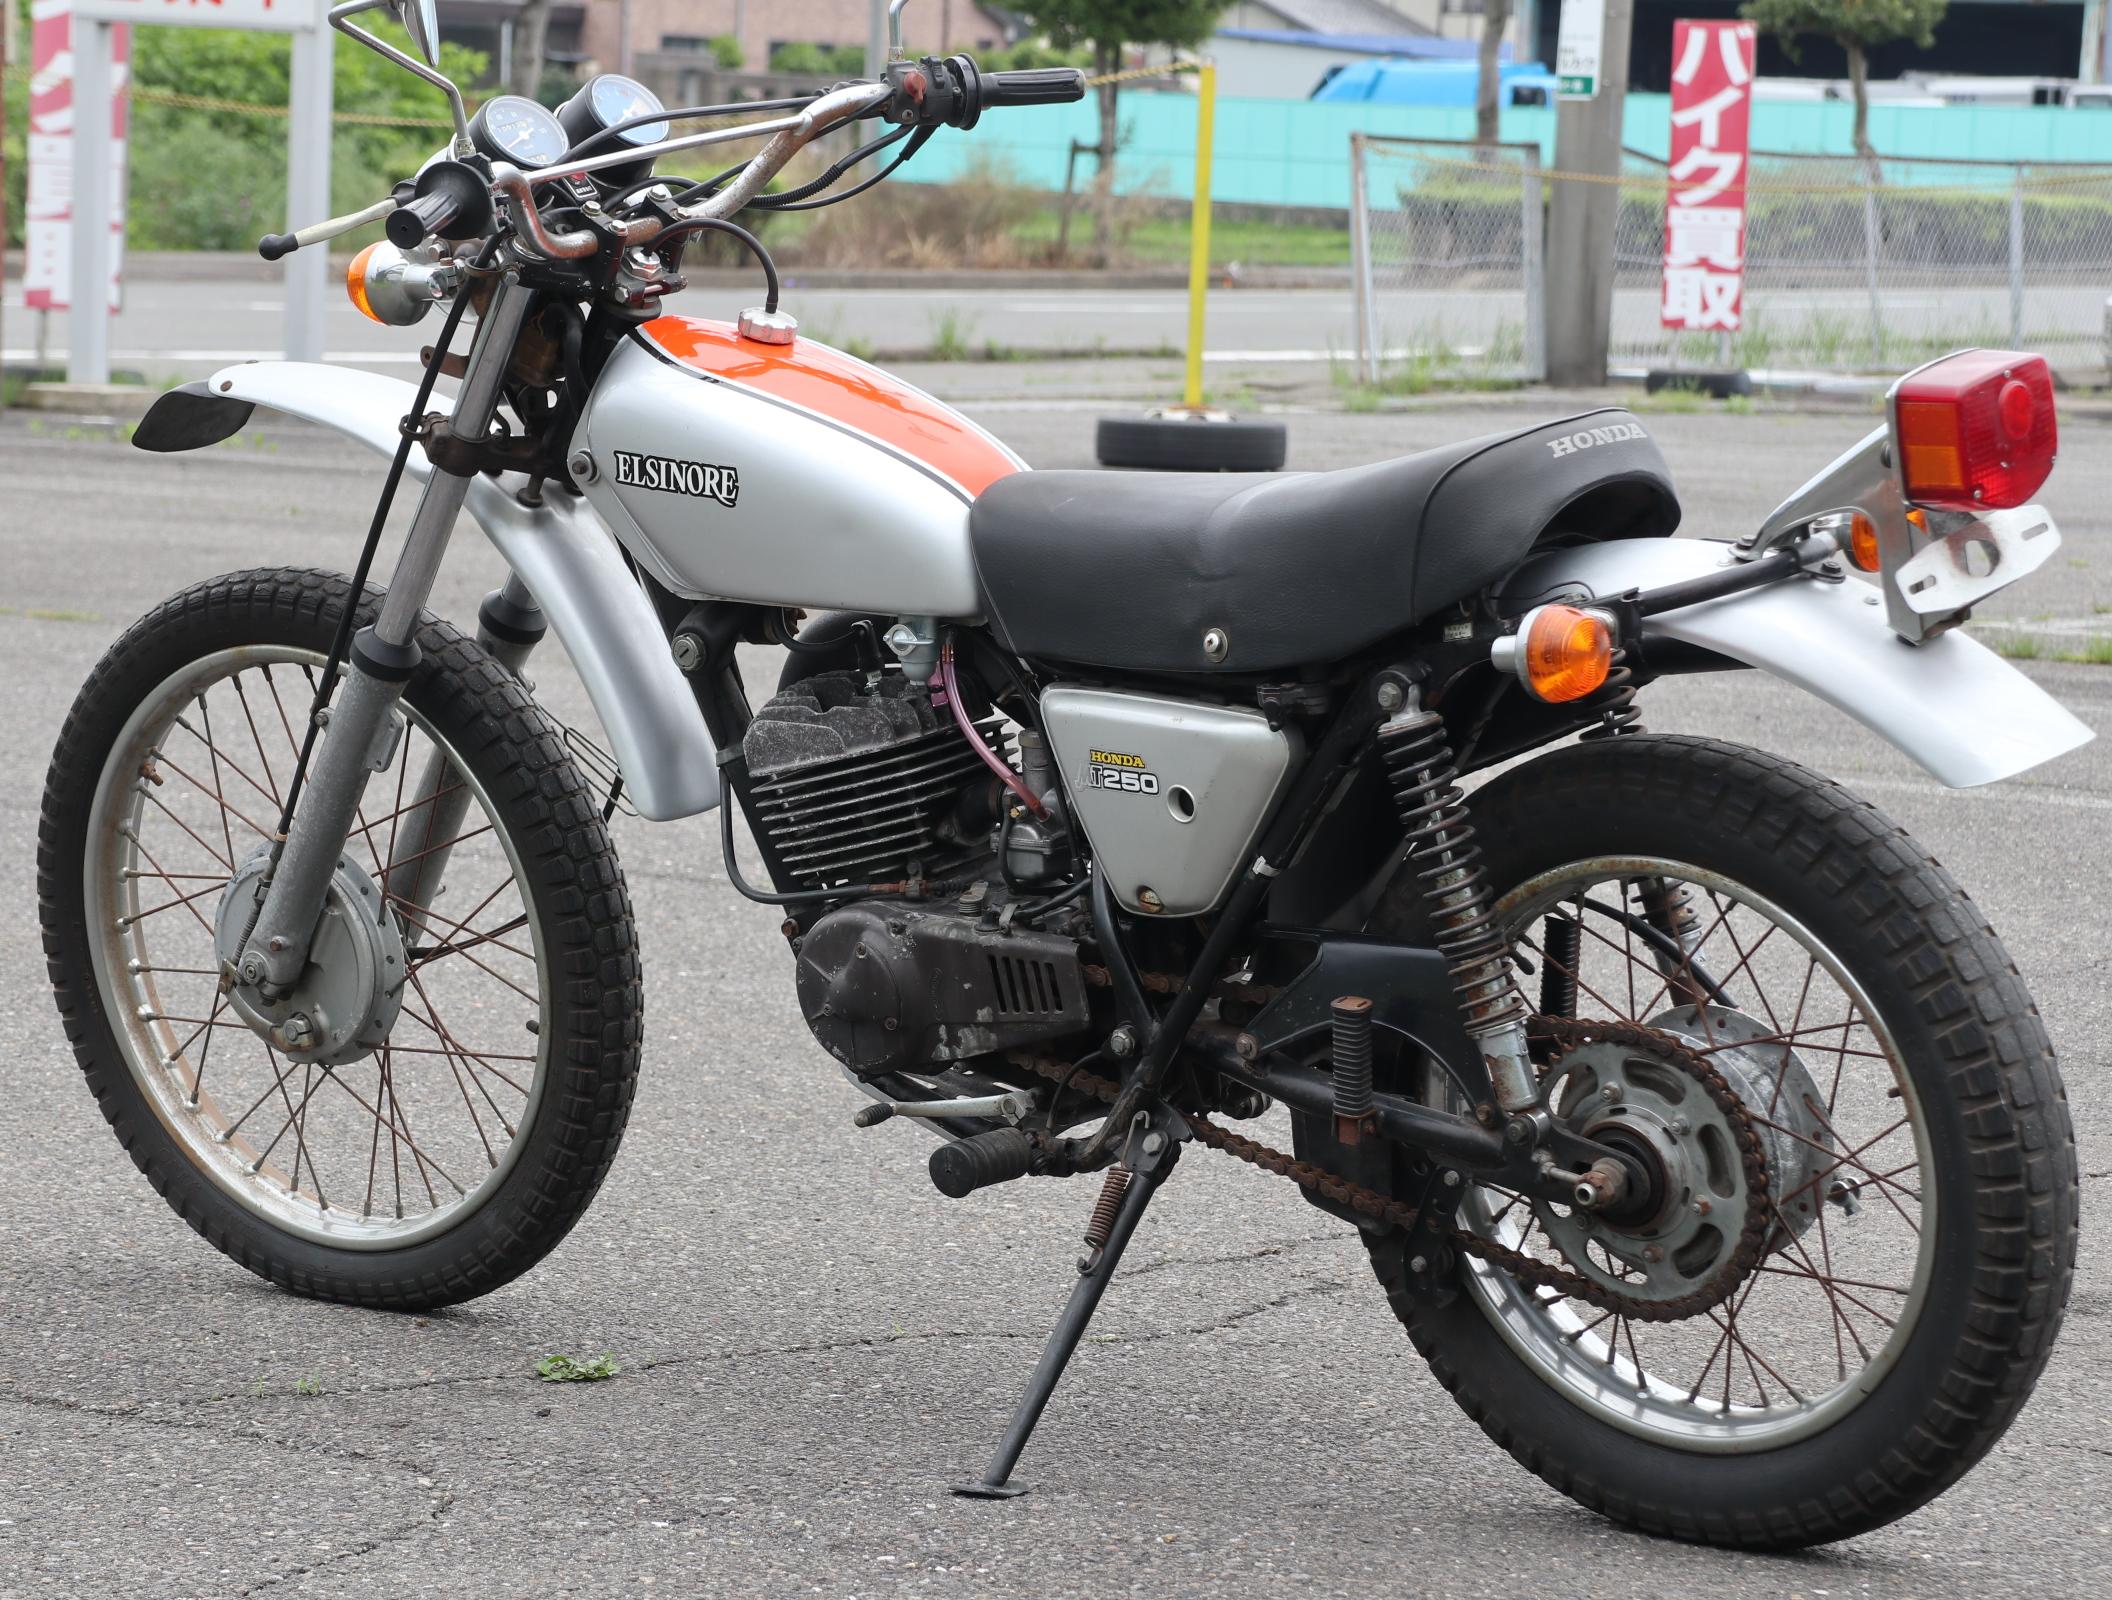 ホンダ エルシノア250 オレンジ MT250